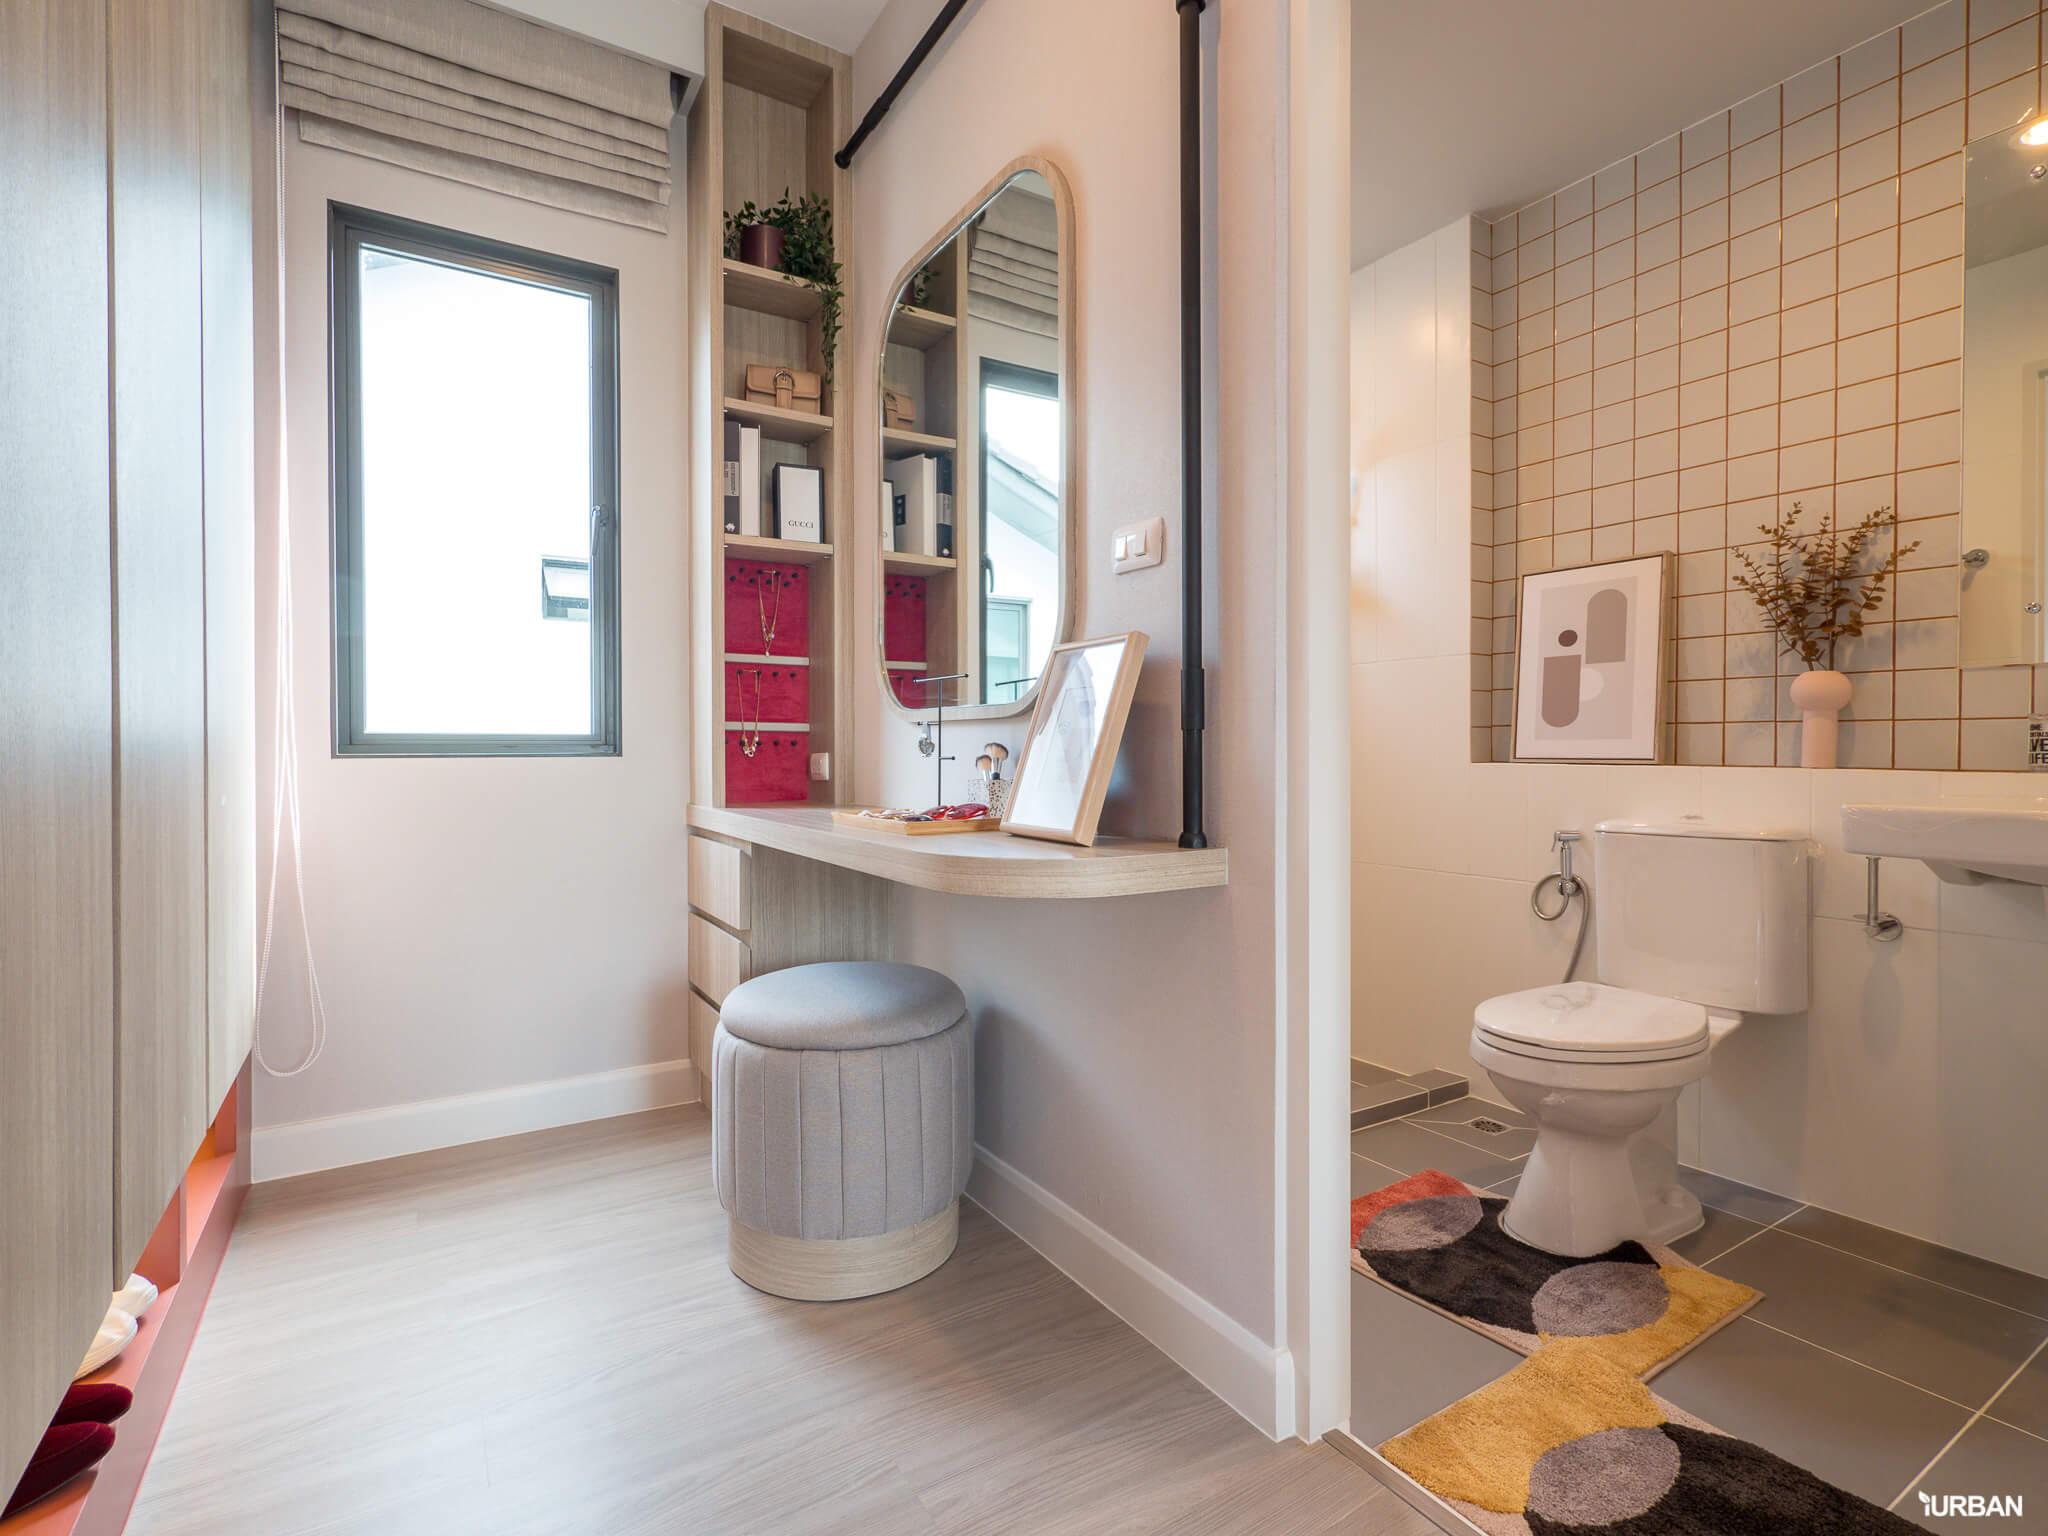 รีวิว อณาสิริ ชัยพฤกษ์-วงแหวน เมื่อแสนสิริออกแบบบ้านใหม่ Feel Just Right ใช้งานได้ลงตัว 54 - Anasiri